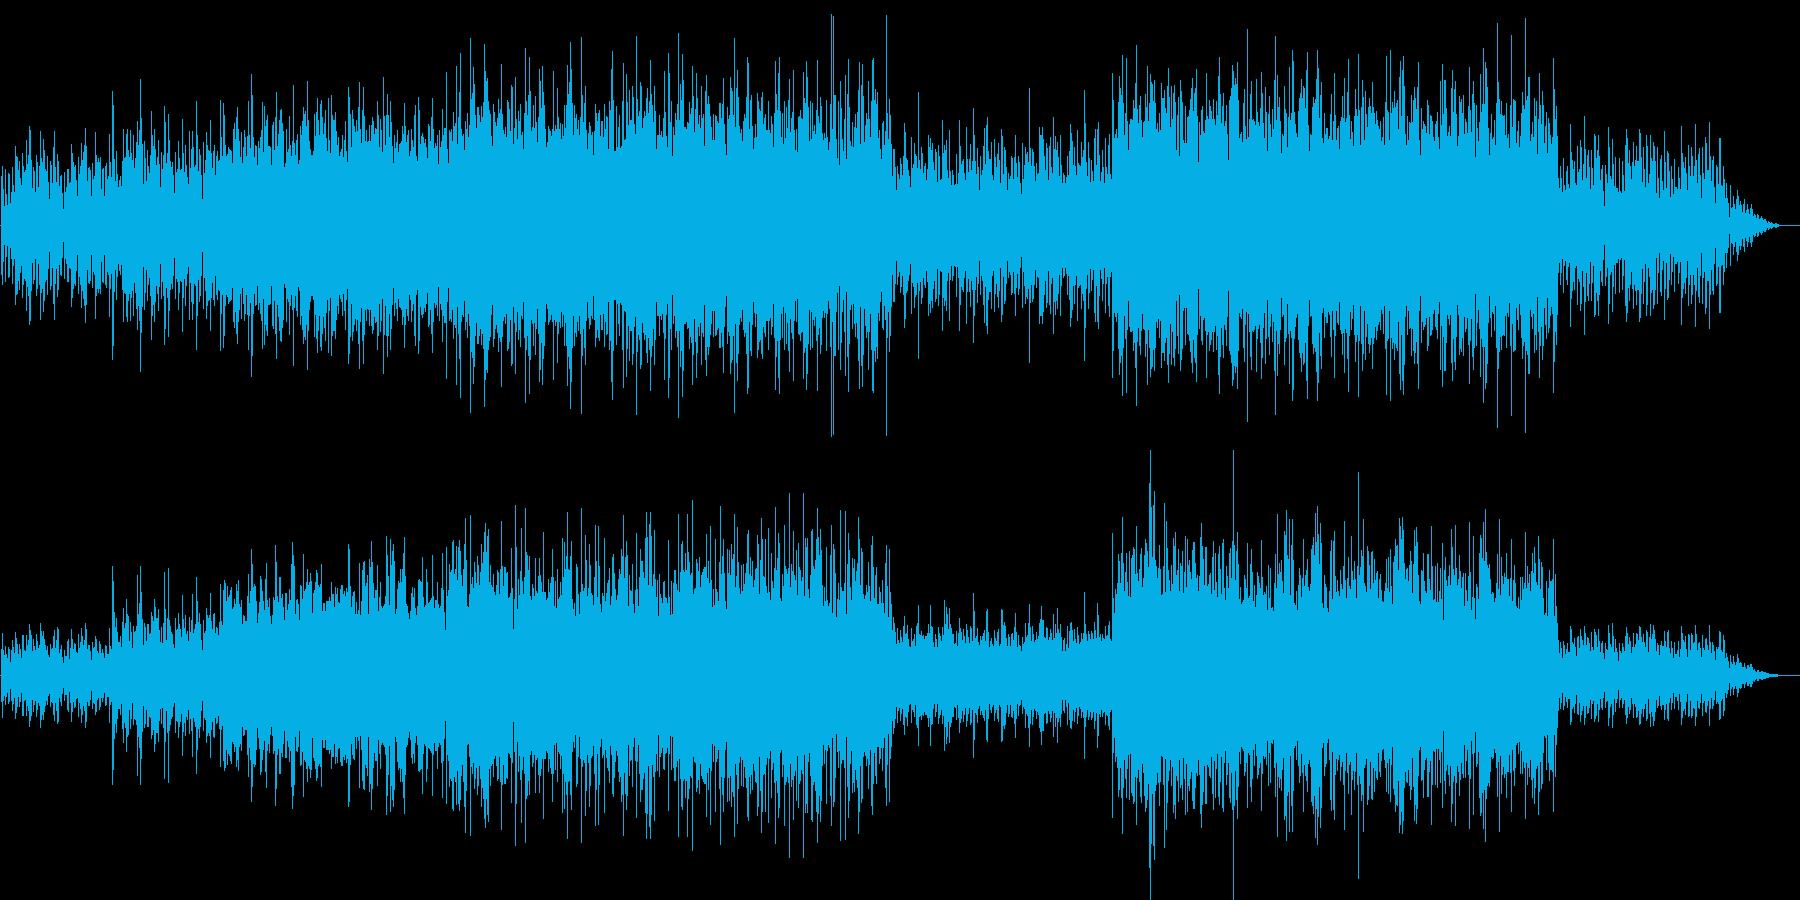 軽快でやさしいメロディーの再生済みの波形